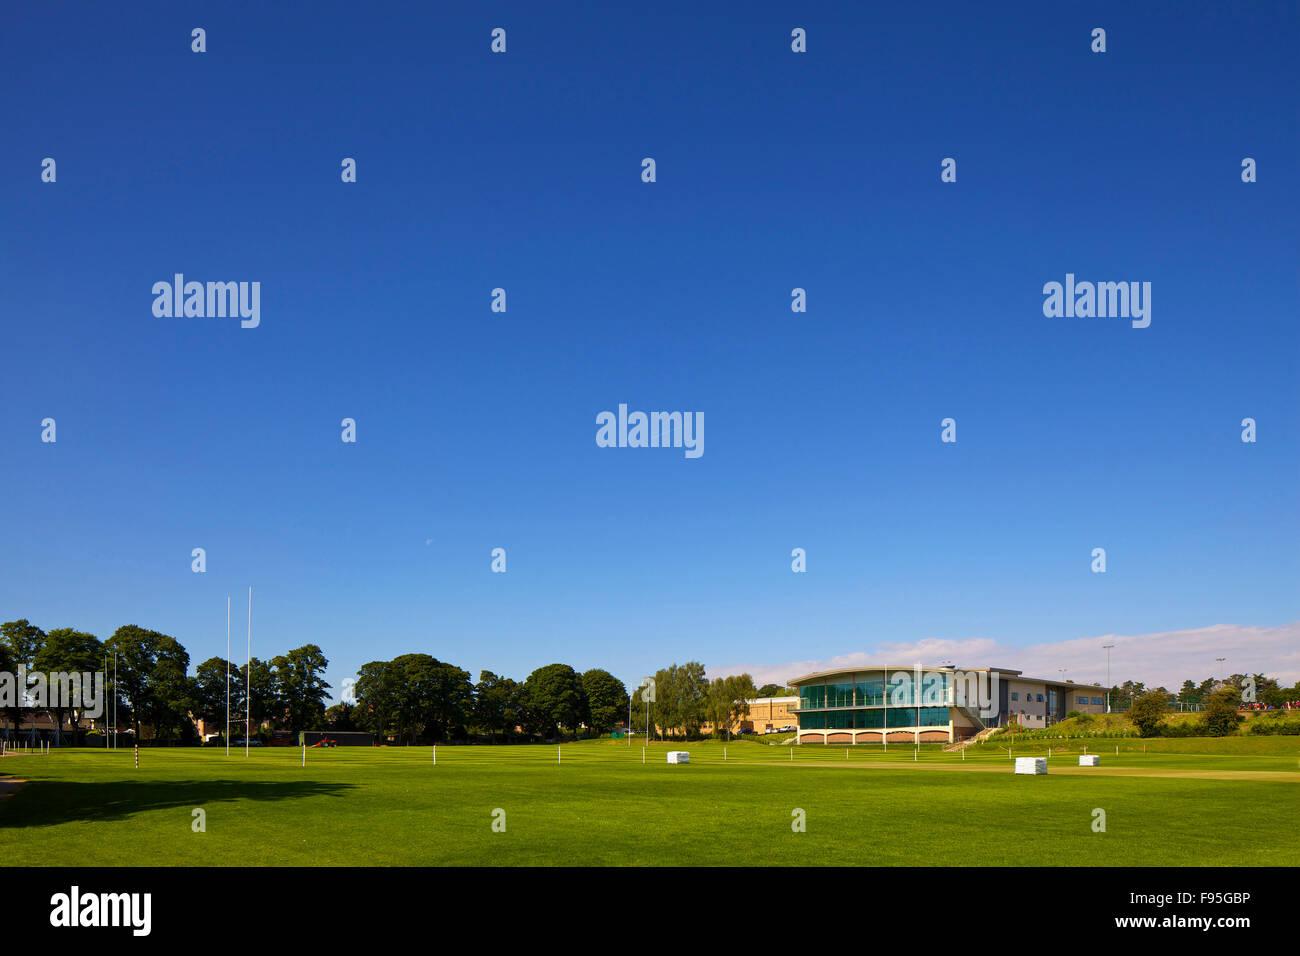 Stamford dotado las escuelas centro deportivo. Vista lejana del centro deportivo y del campo en Stamford dotadas Imagen De Stock